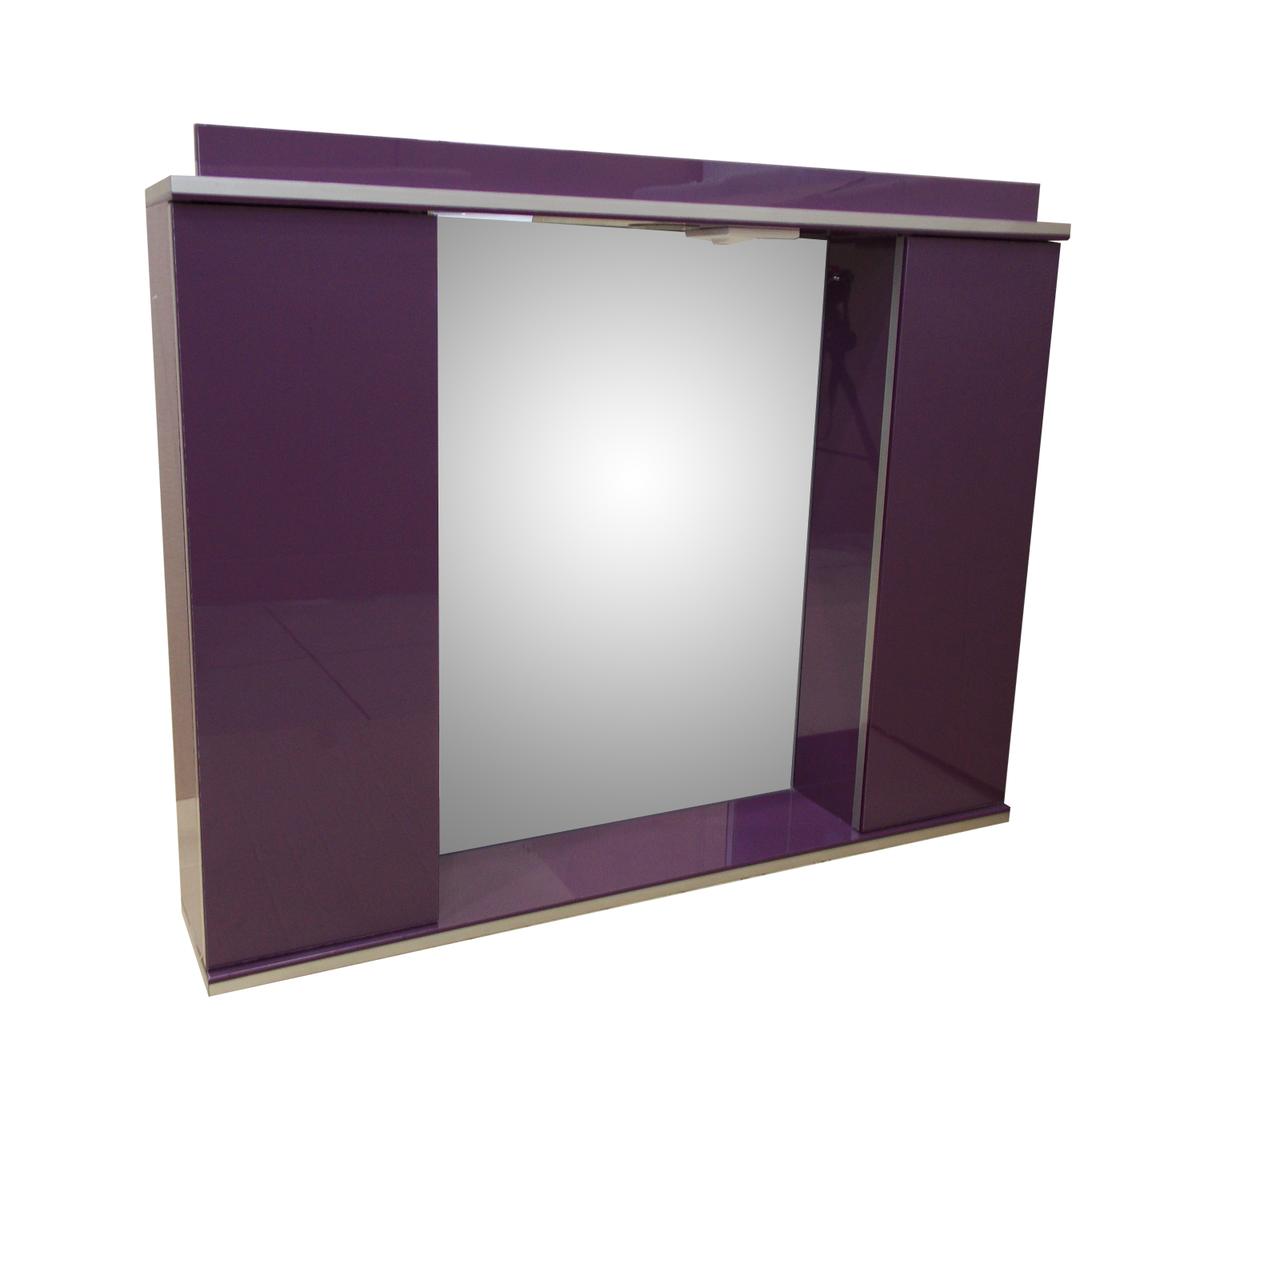 Зеркало 85см для ванной комнаты с подсветкой,розеткой и шкафчиками Norvey фиолет